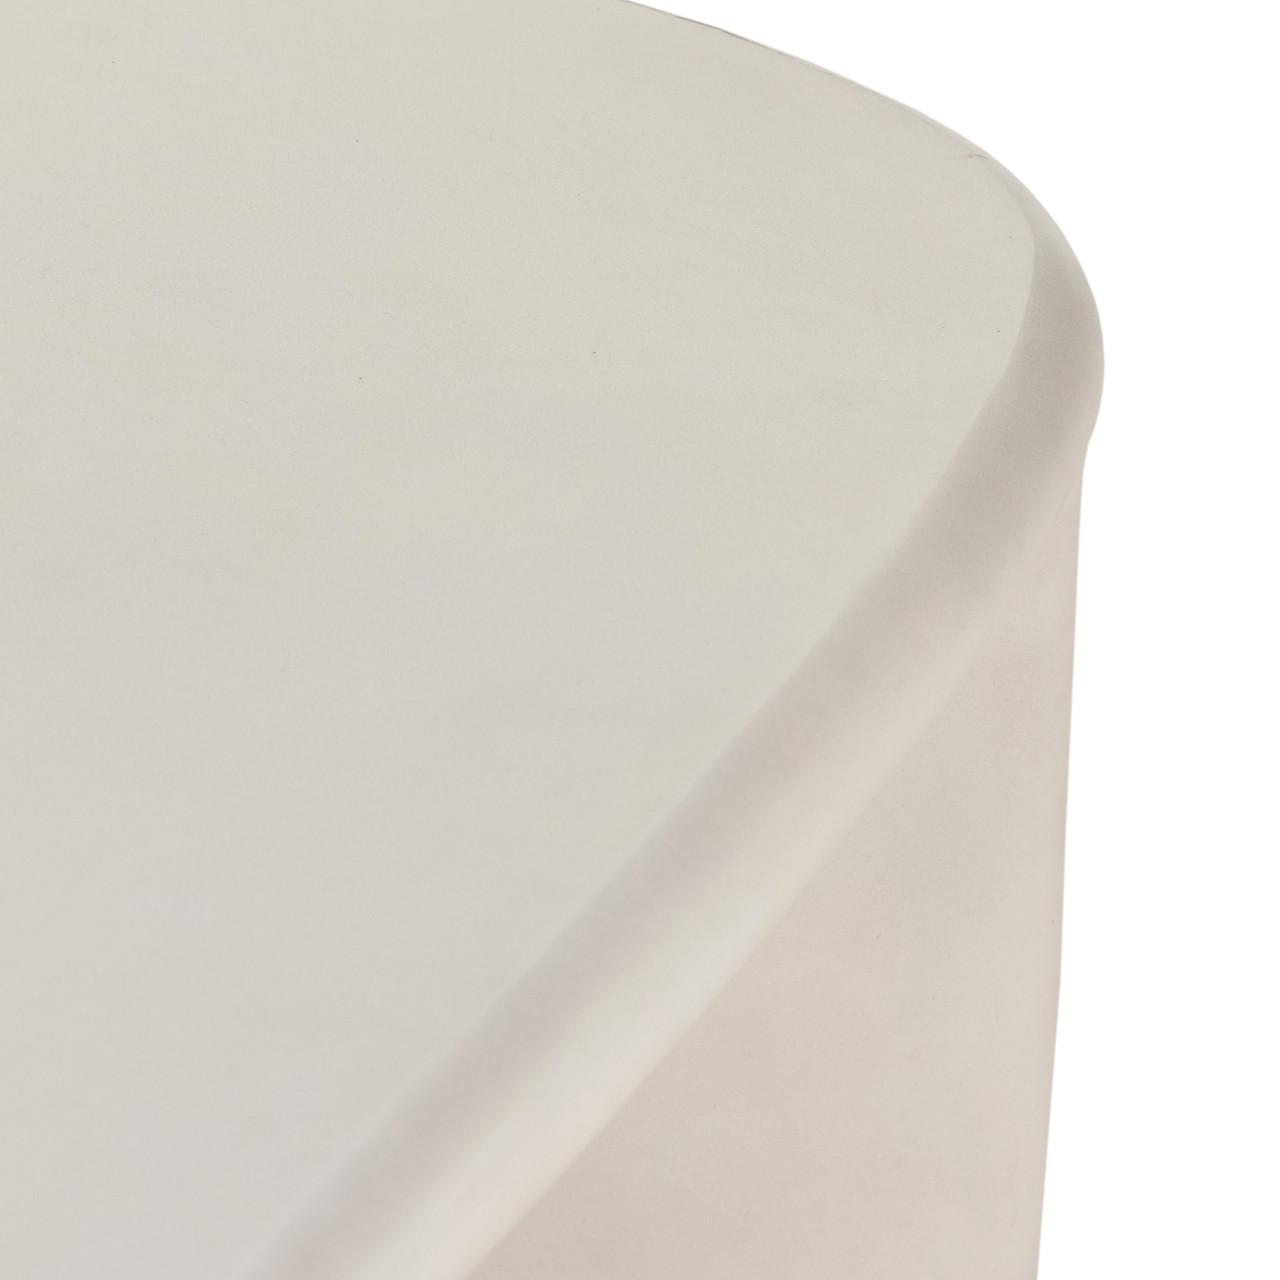 Dea Coffee Table - White Concrete